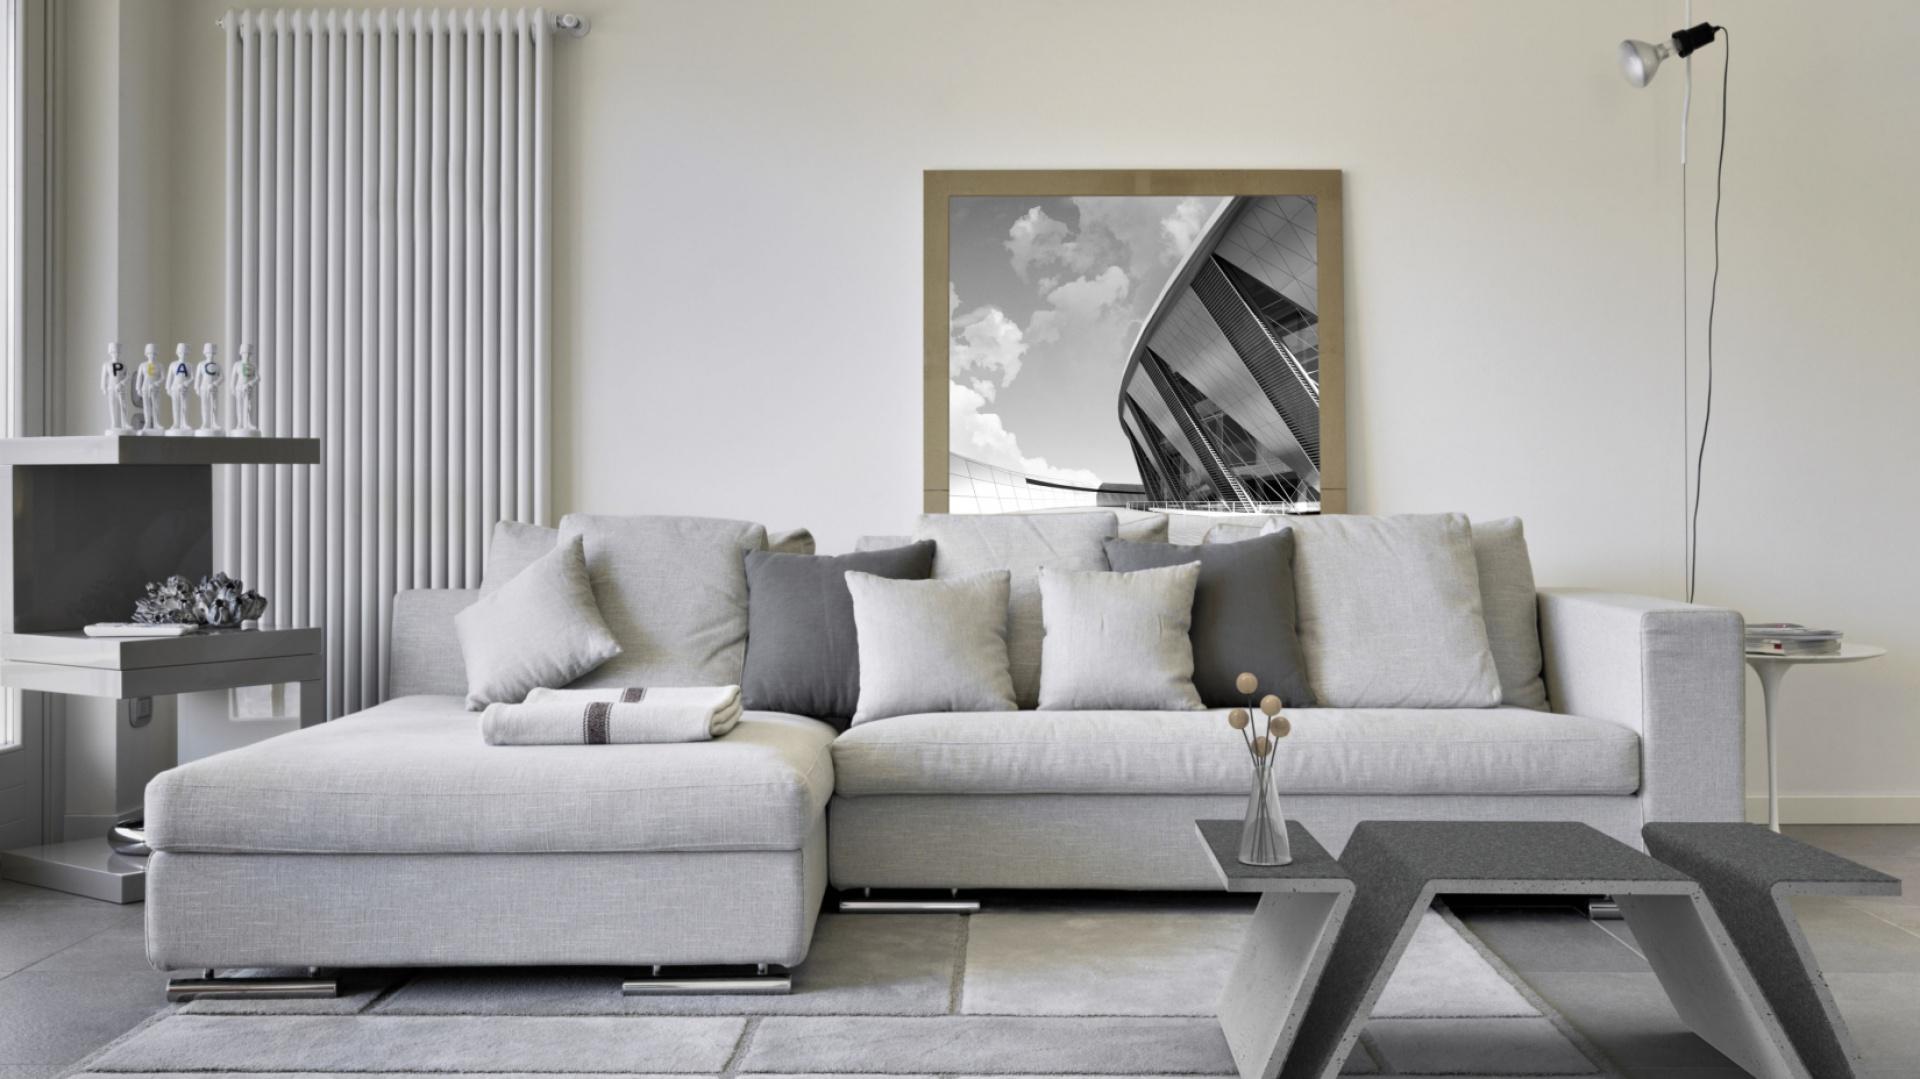 Betonowe meble bardzo dobrze komponują się z wnętrzami ciepłymi i zimnymi, doskonale współgrają też z różnymi materiałami i modną szarością. Na zdjęciu: stolik Focus, Modern Line